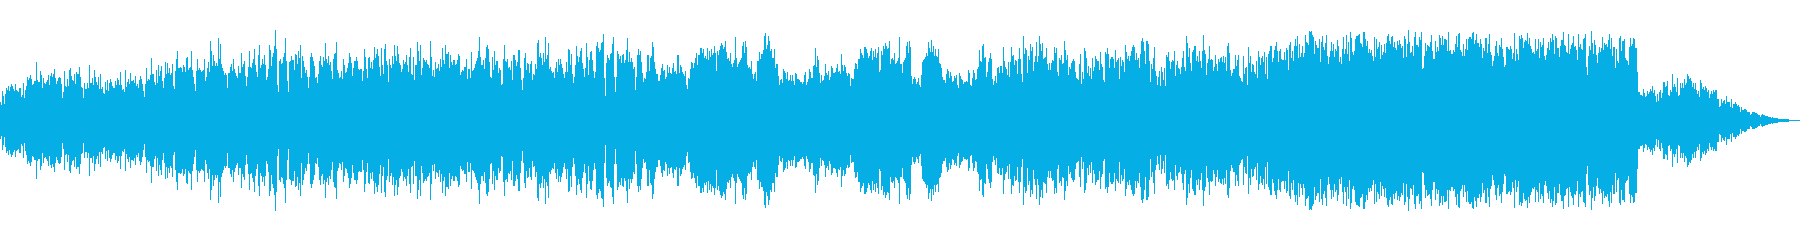 ストリングス中心の壮大オーケストラ曲の再生済みの波形